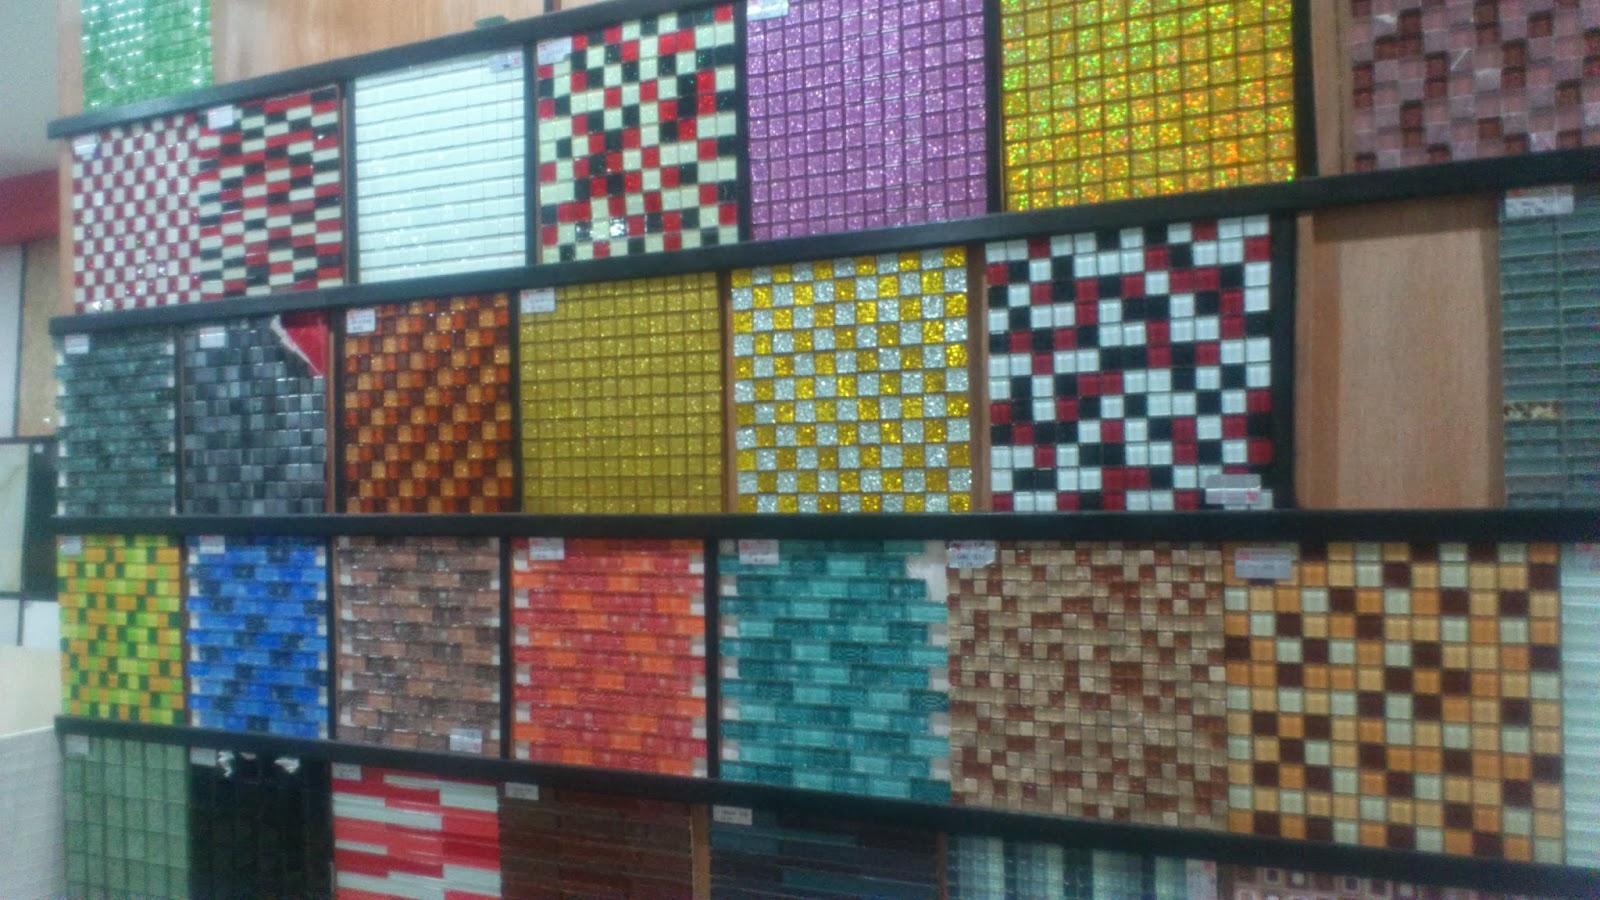 Banyak Pilihan Jugak Kat Kedai Tile Ni A Aku Rasa Terkini Kurang Sikit Pilihannya Yang Patern Lama Showroom Pun Xda